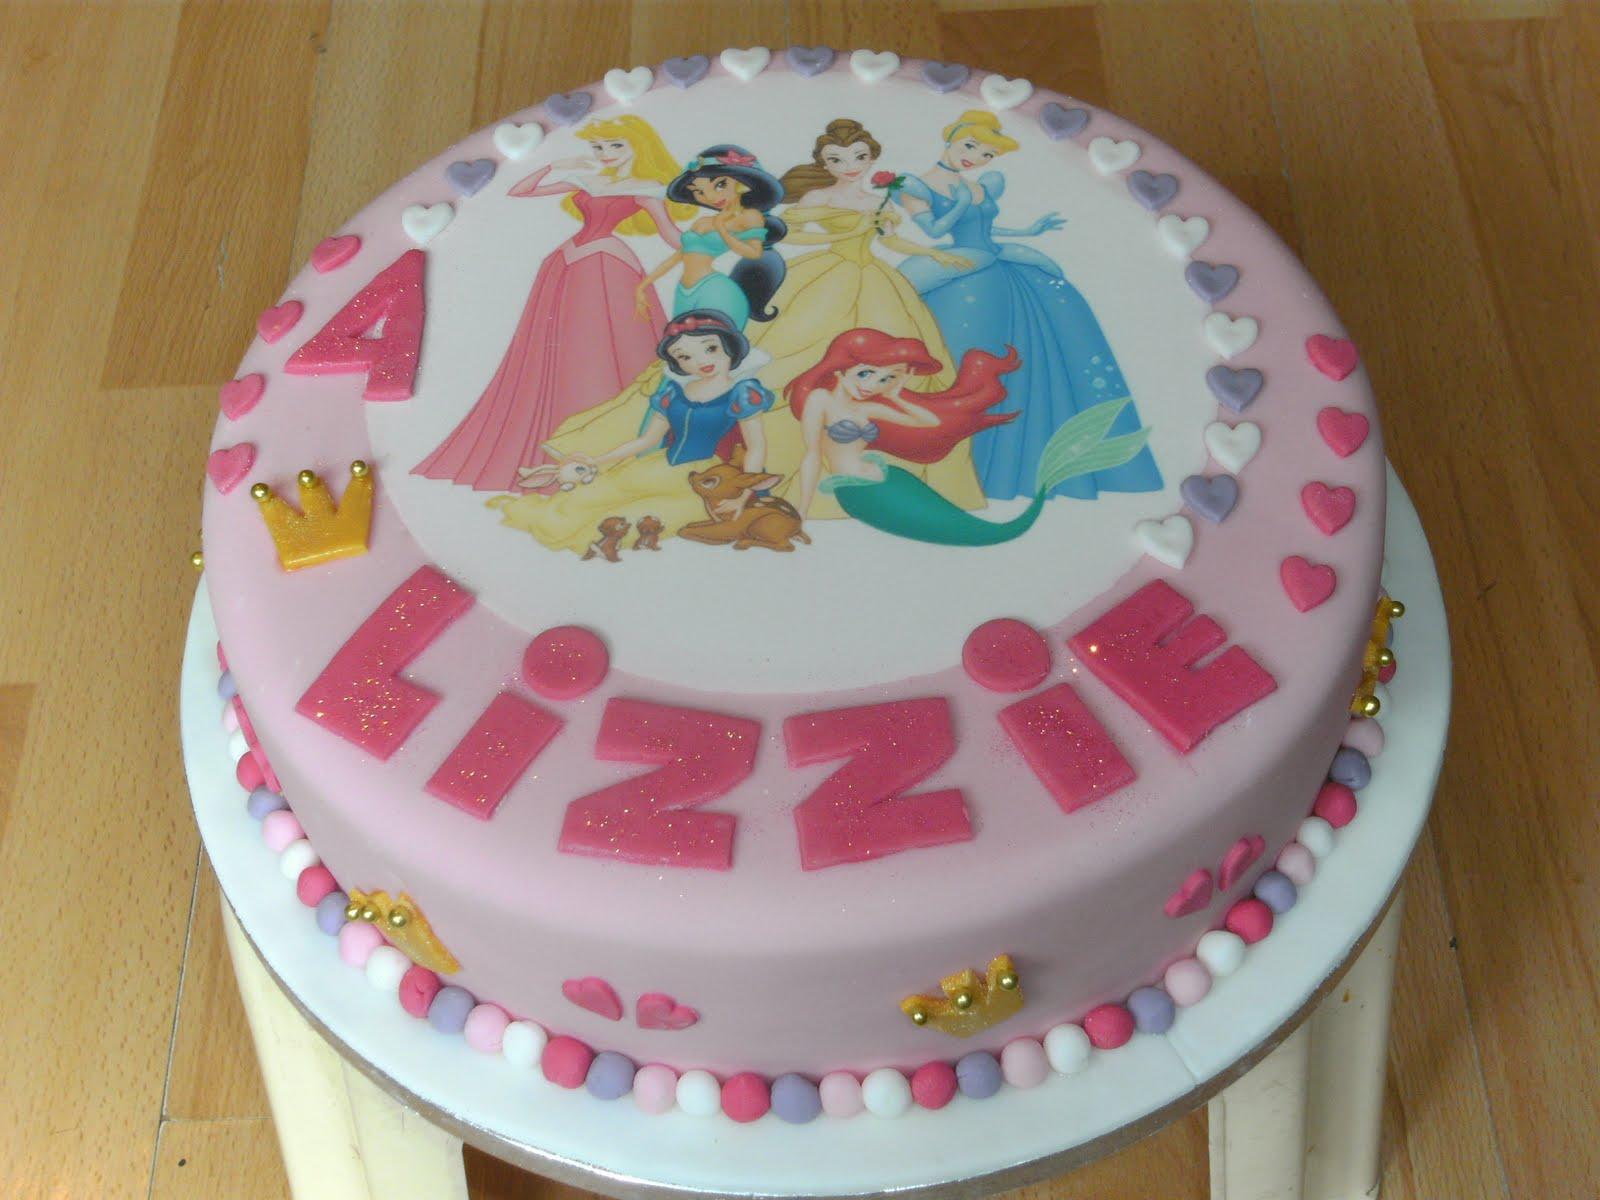 Images For Disney Princess Cake : Sam s Cakes: Disney Princess Cake